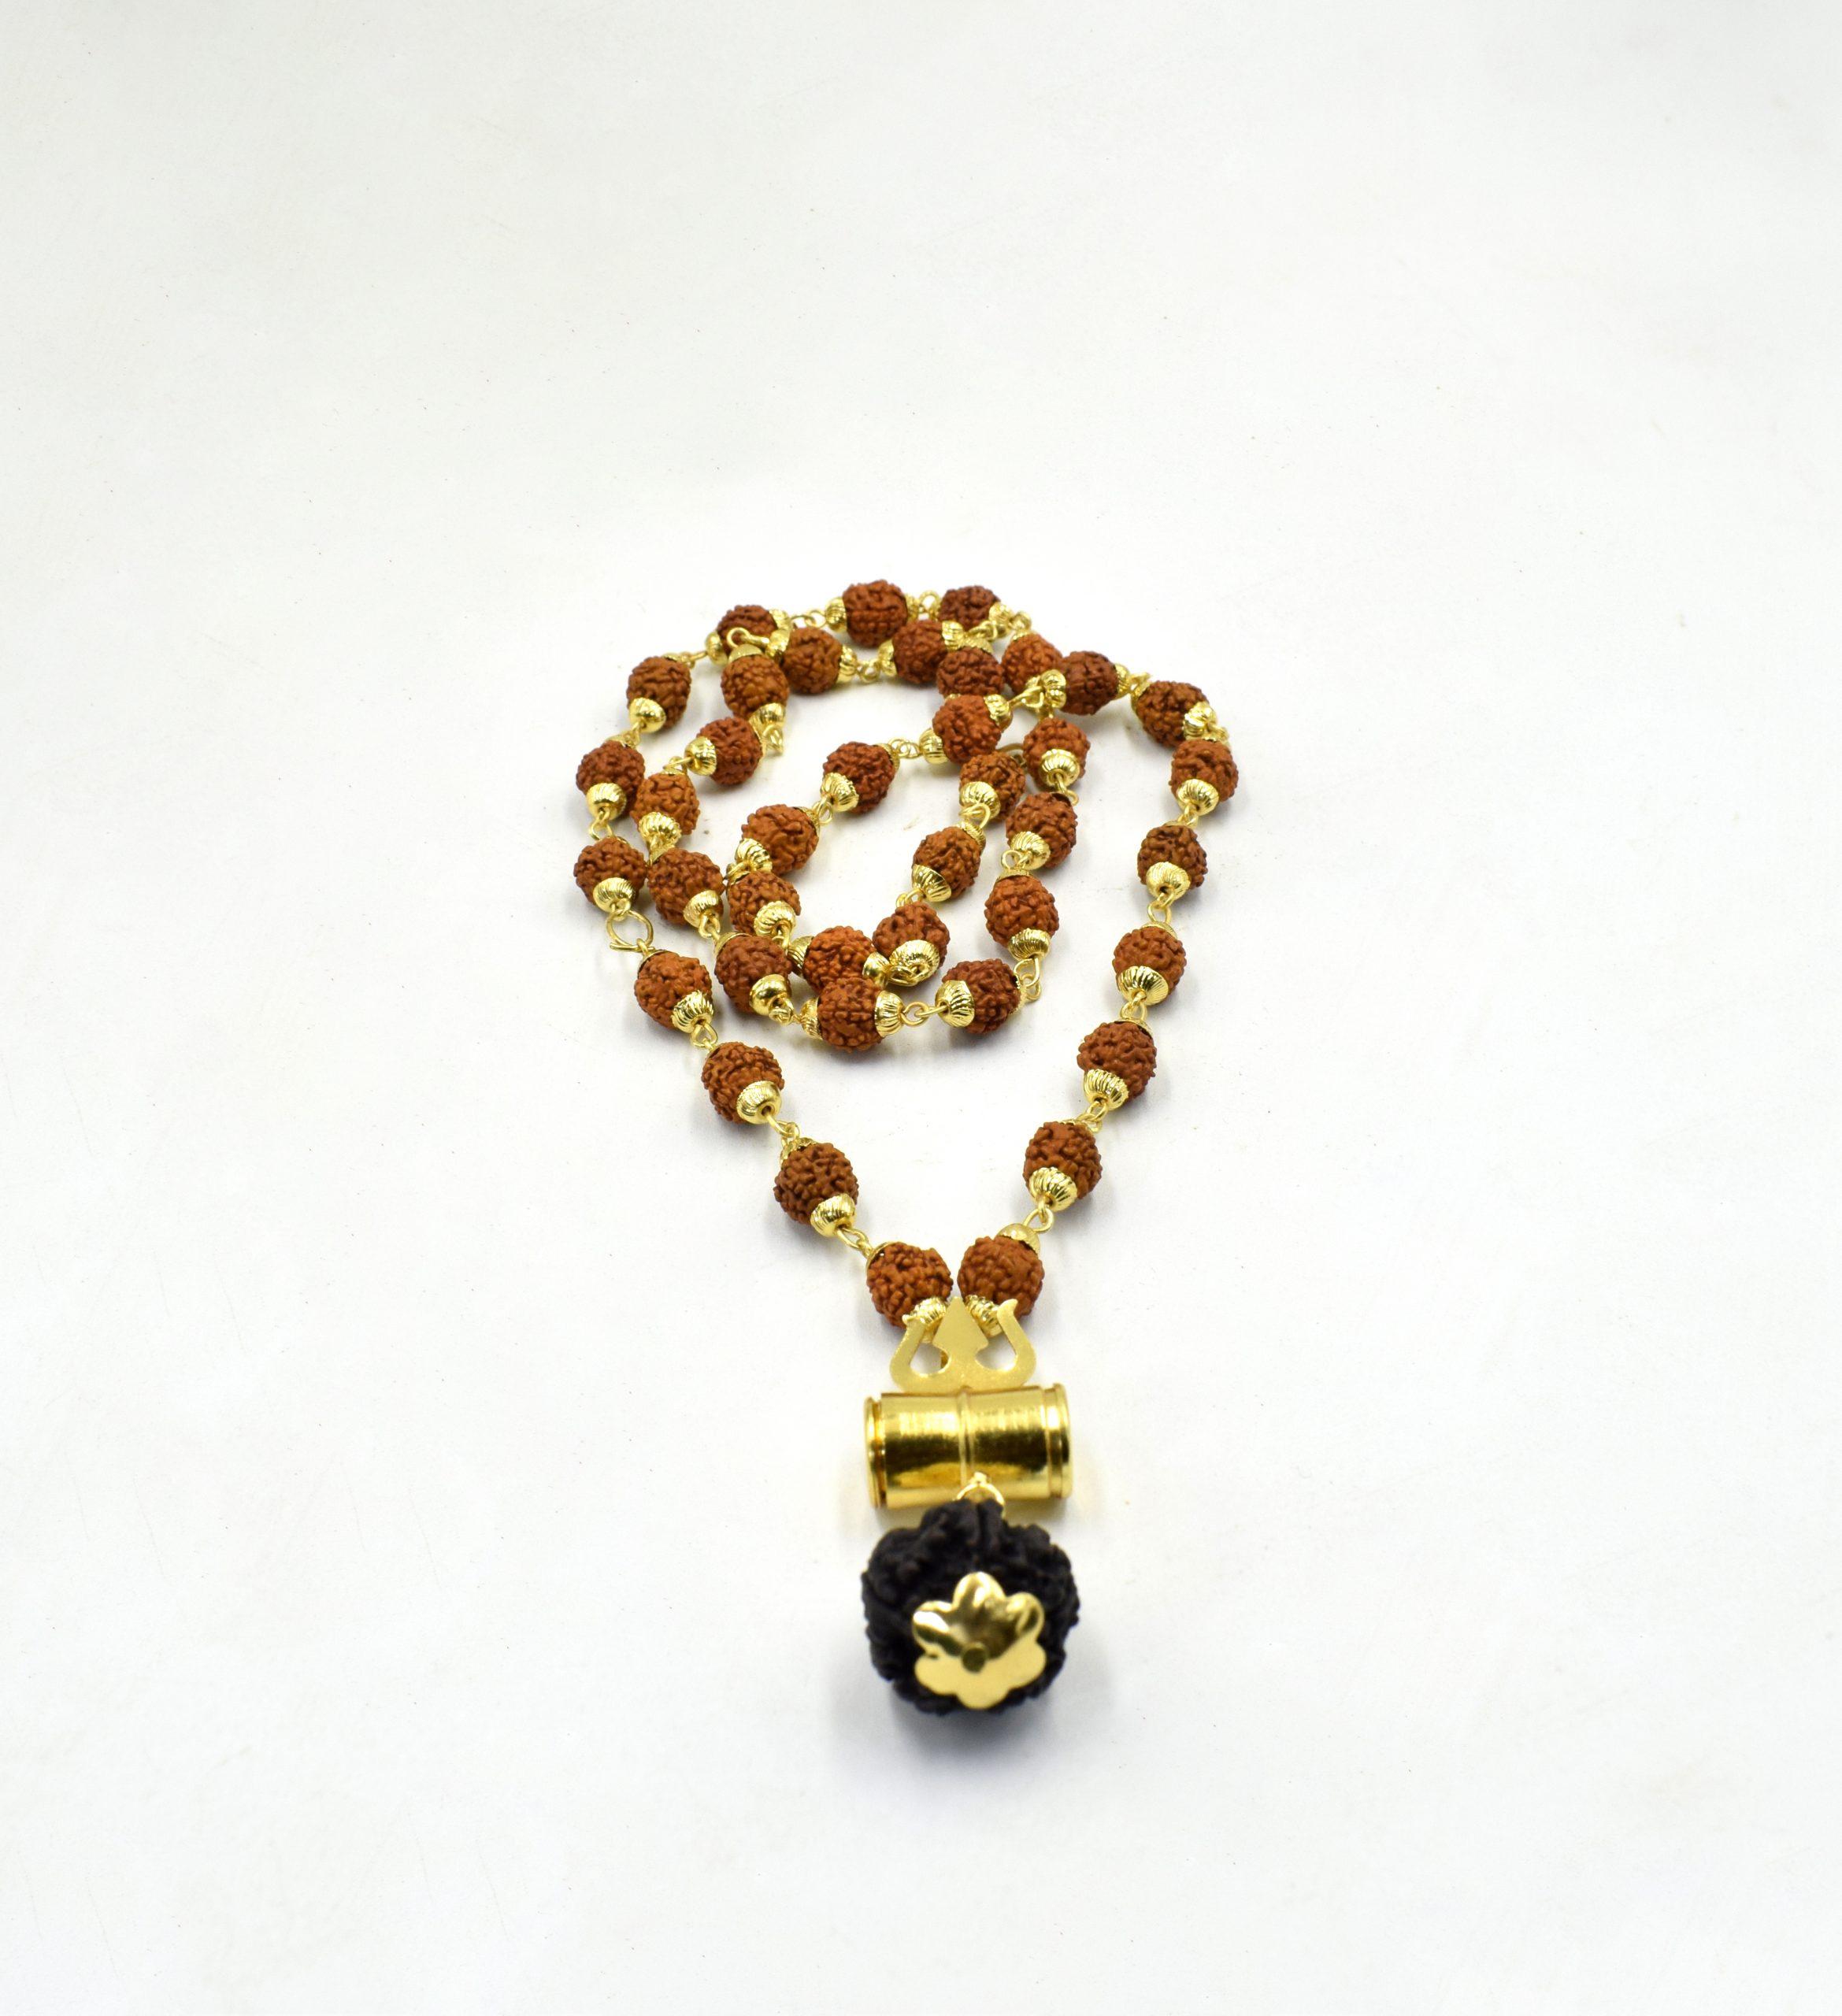 Panchmukhi Rudraksha Mala with Gold Capping